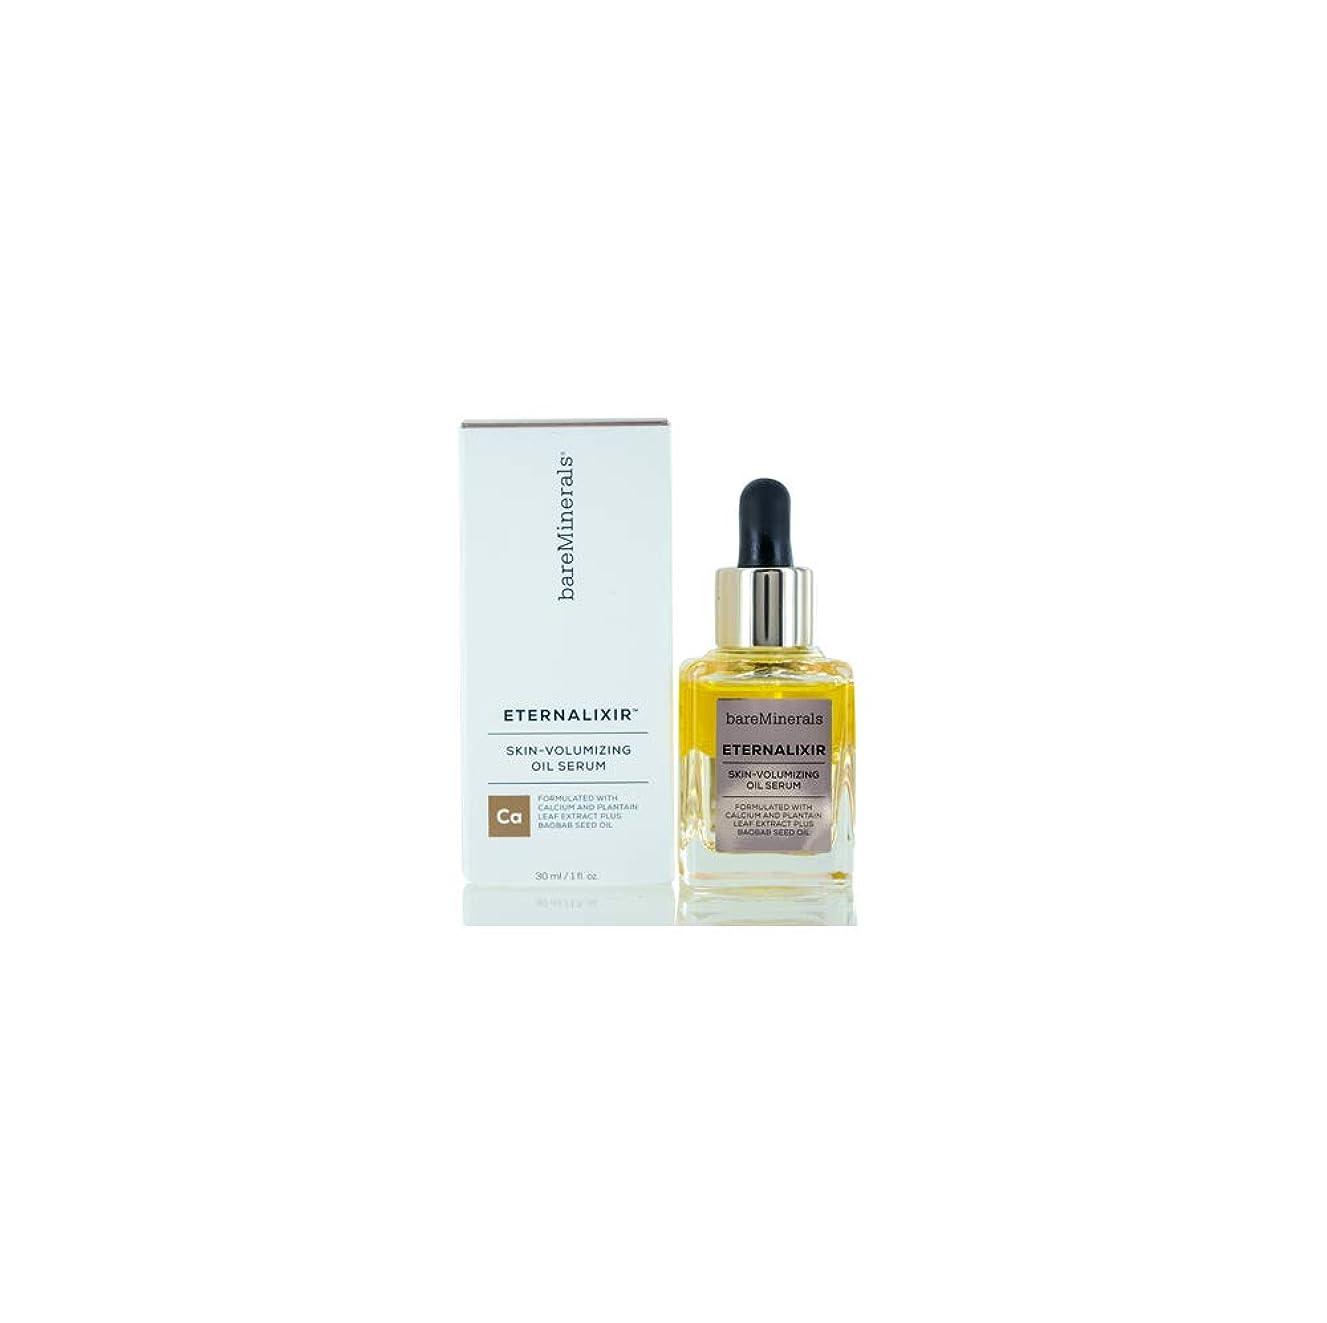 ベアリングオリエント歯車ベアミネラル Eternalixir Skin-Volumizing Oil Serum 30ml/1oz並行輸入品